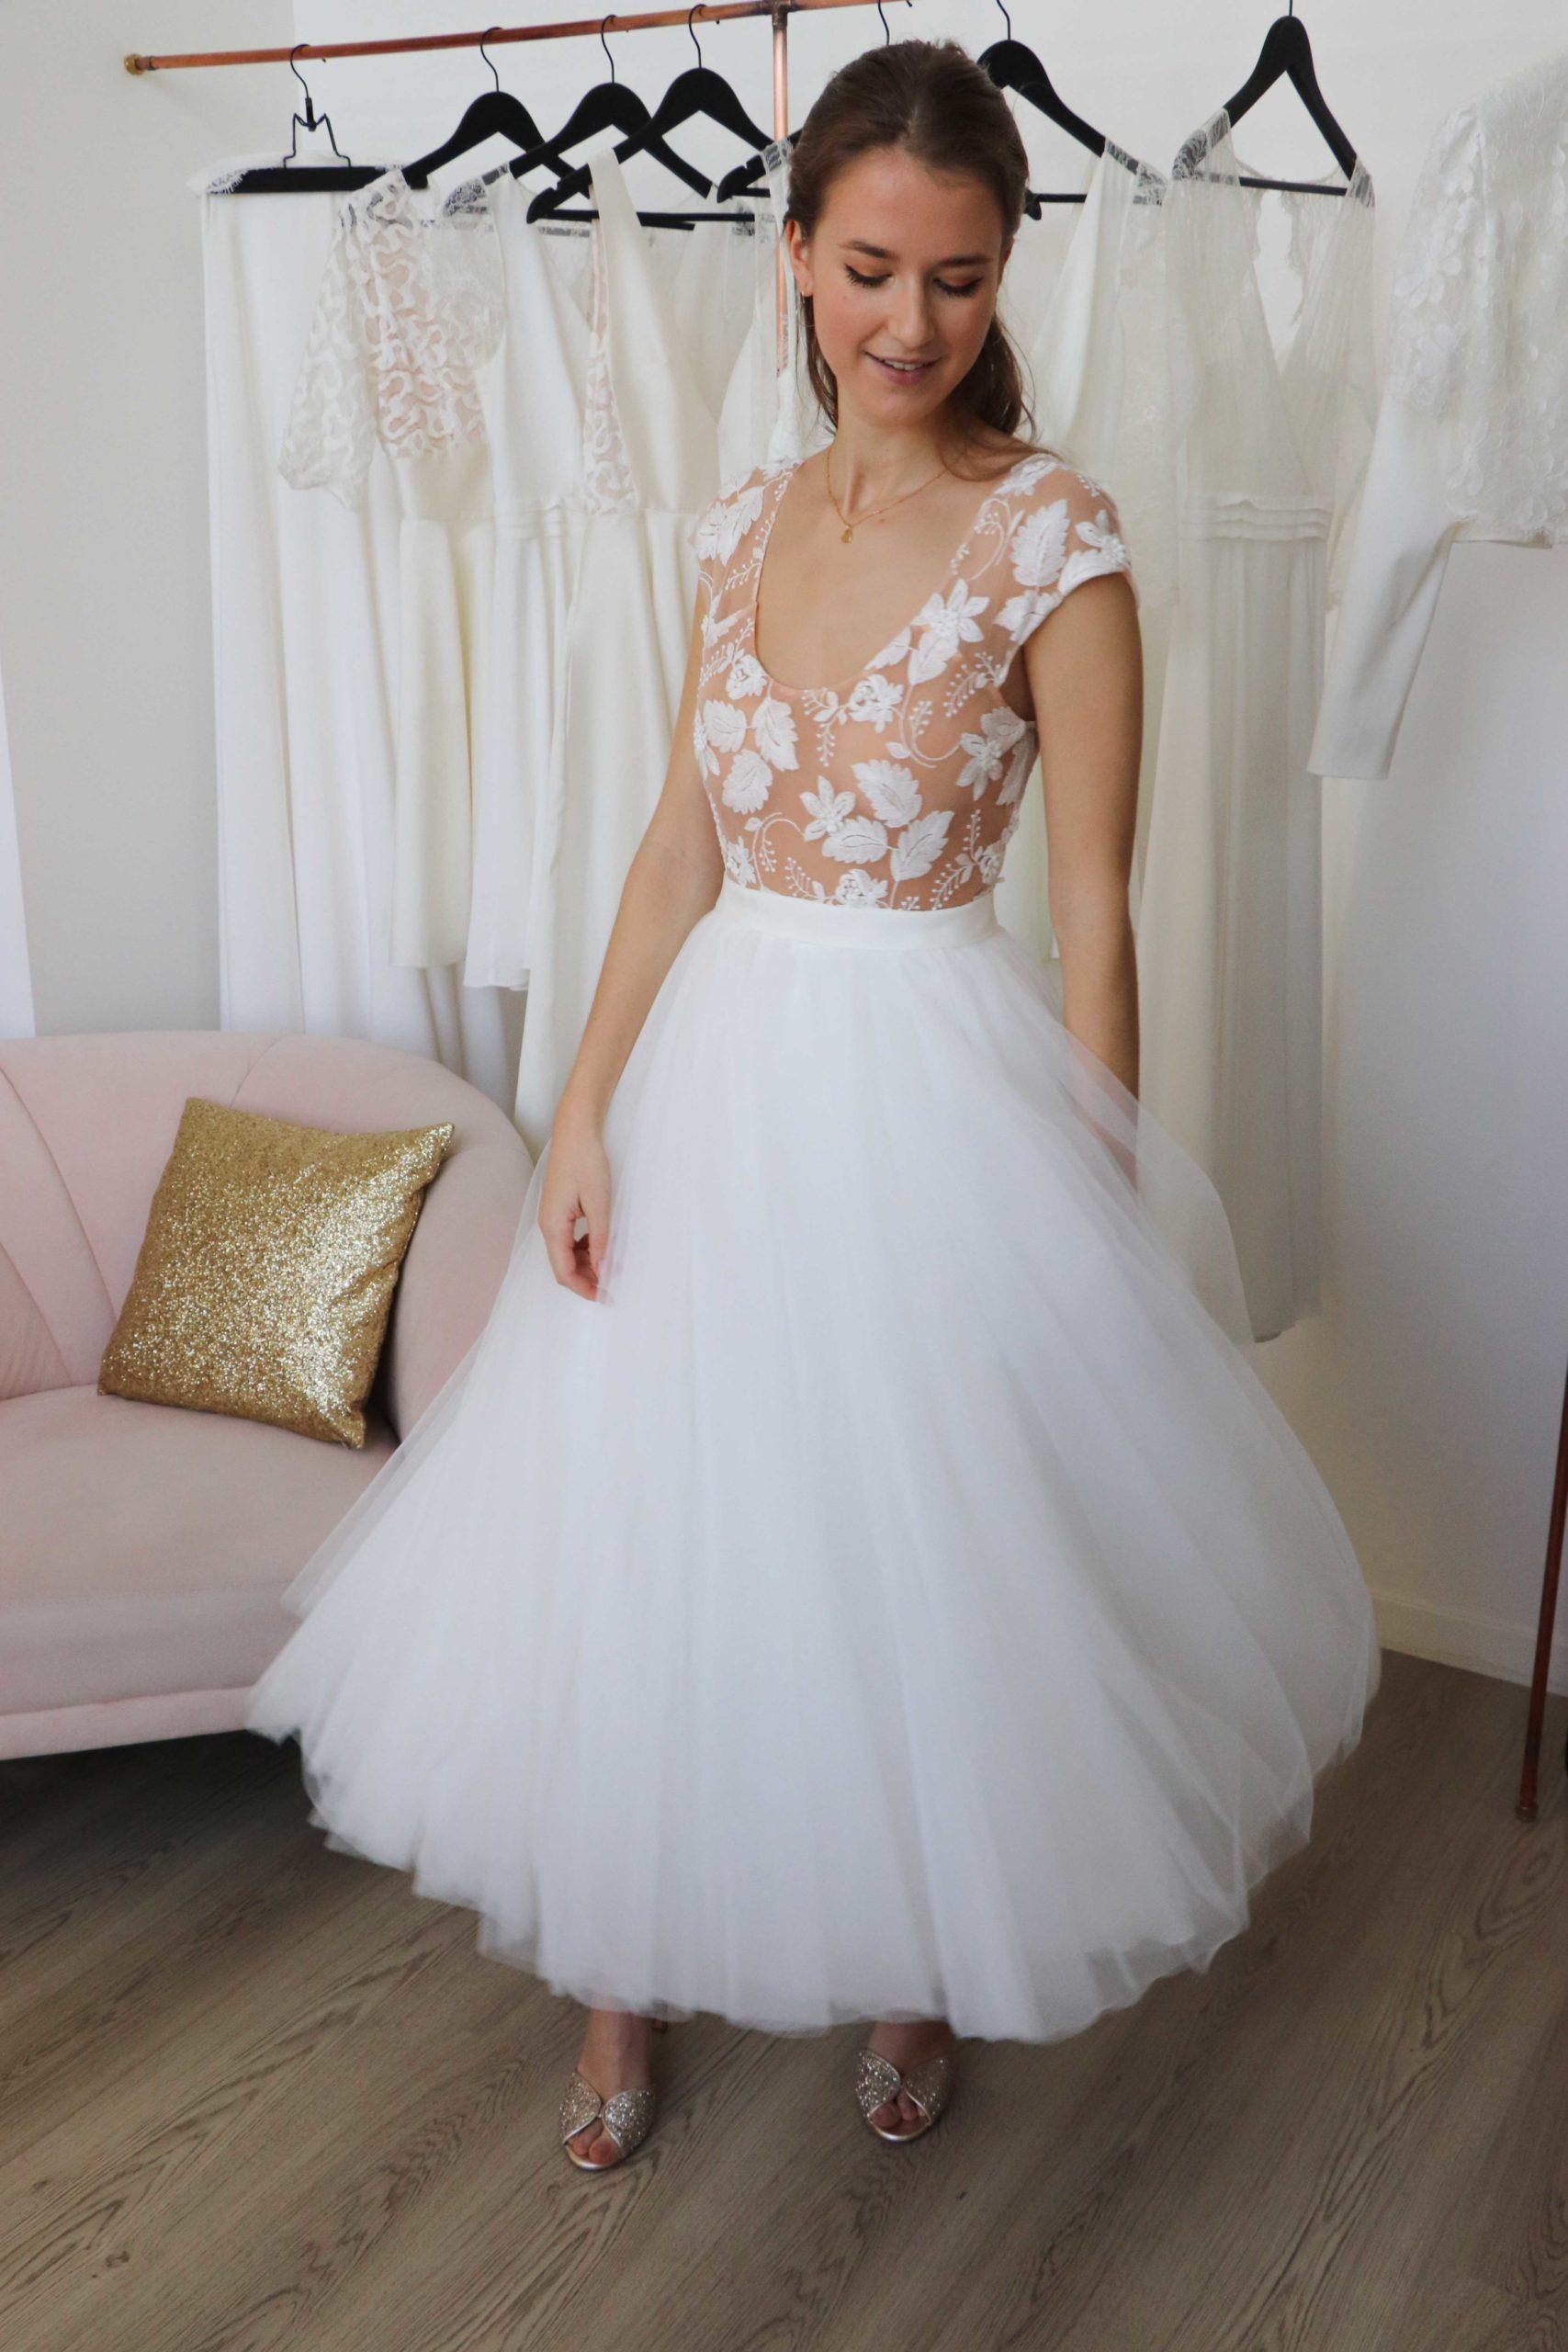 robe de mariée tutu qui s'envole lorsque l'on tourne sur soi.